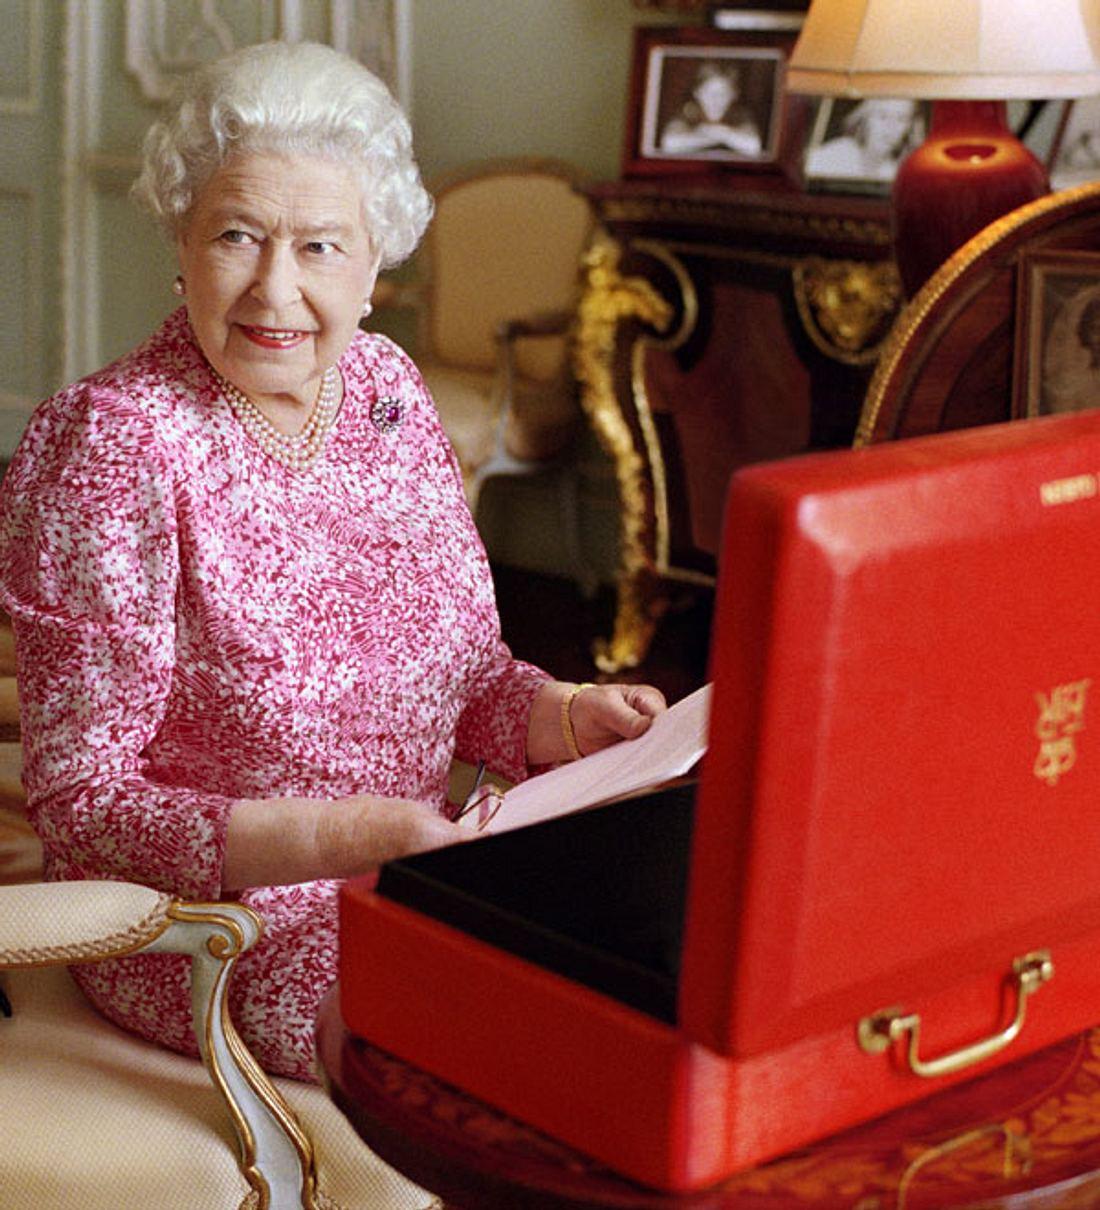 Queen Elizabeth II: Betreibt sie Steuerhinterziehung?